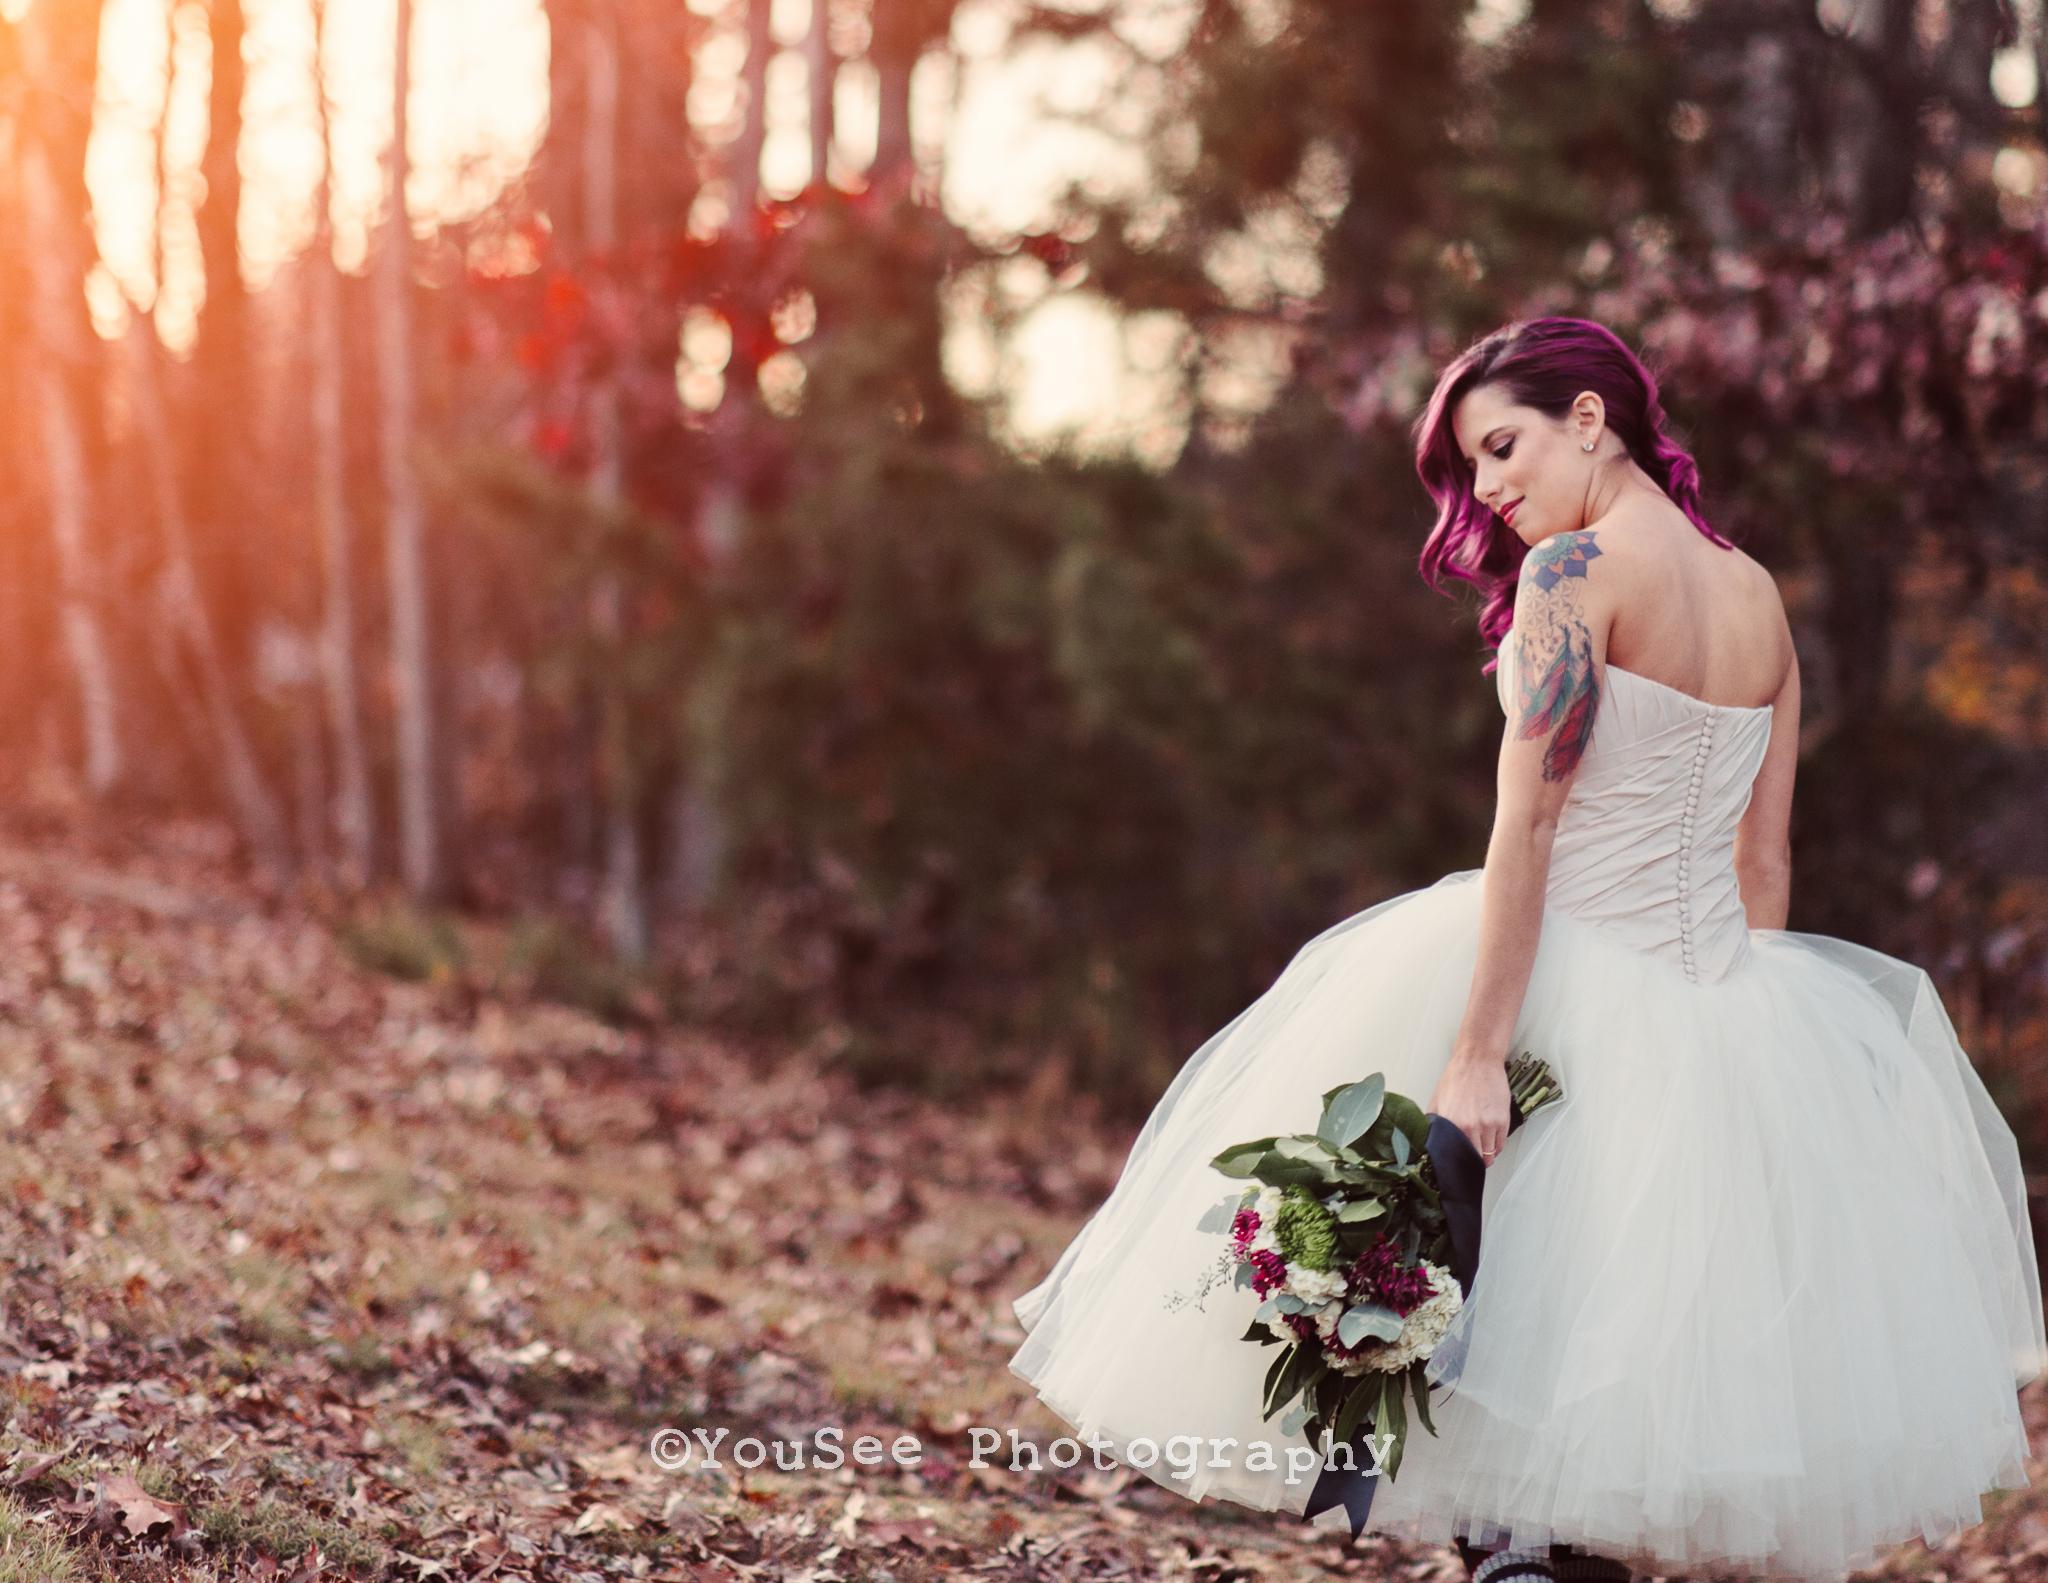 wedding_styledshoot_gothic_pursuit (26)